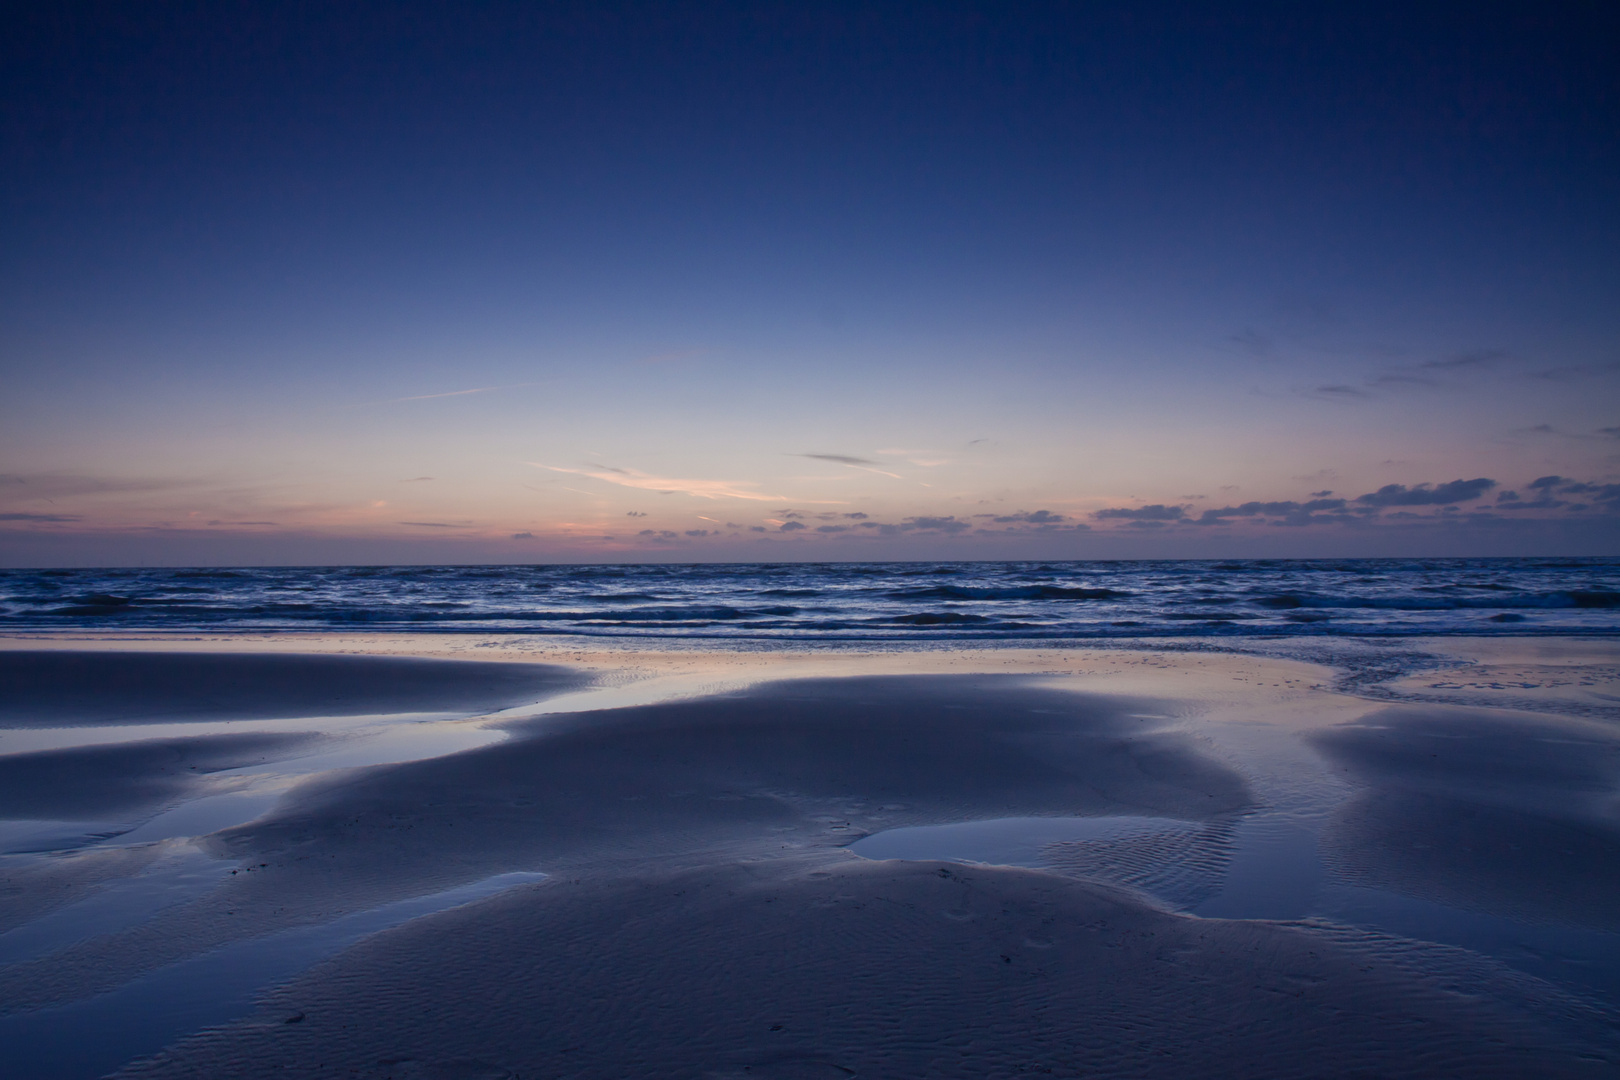 Ein schmaler Streifen Meer